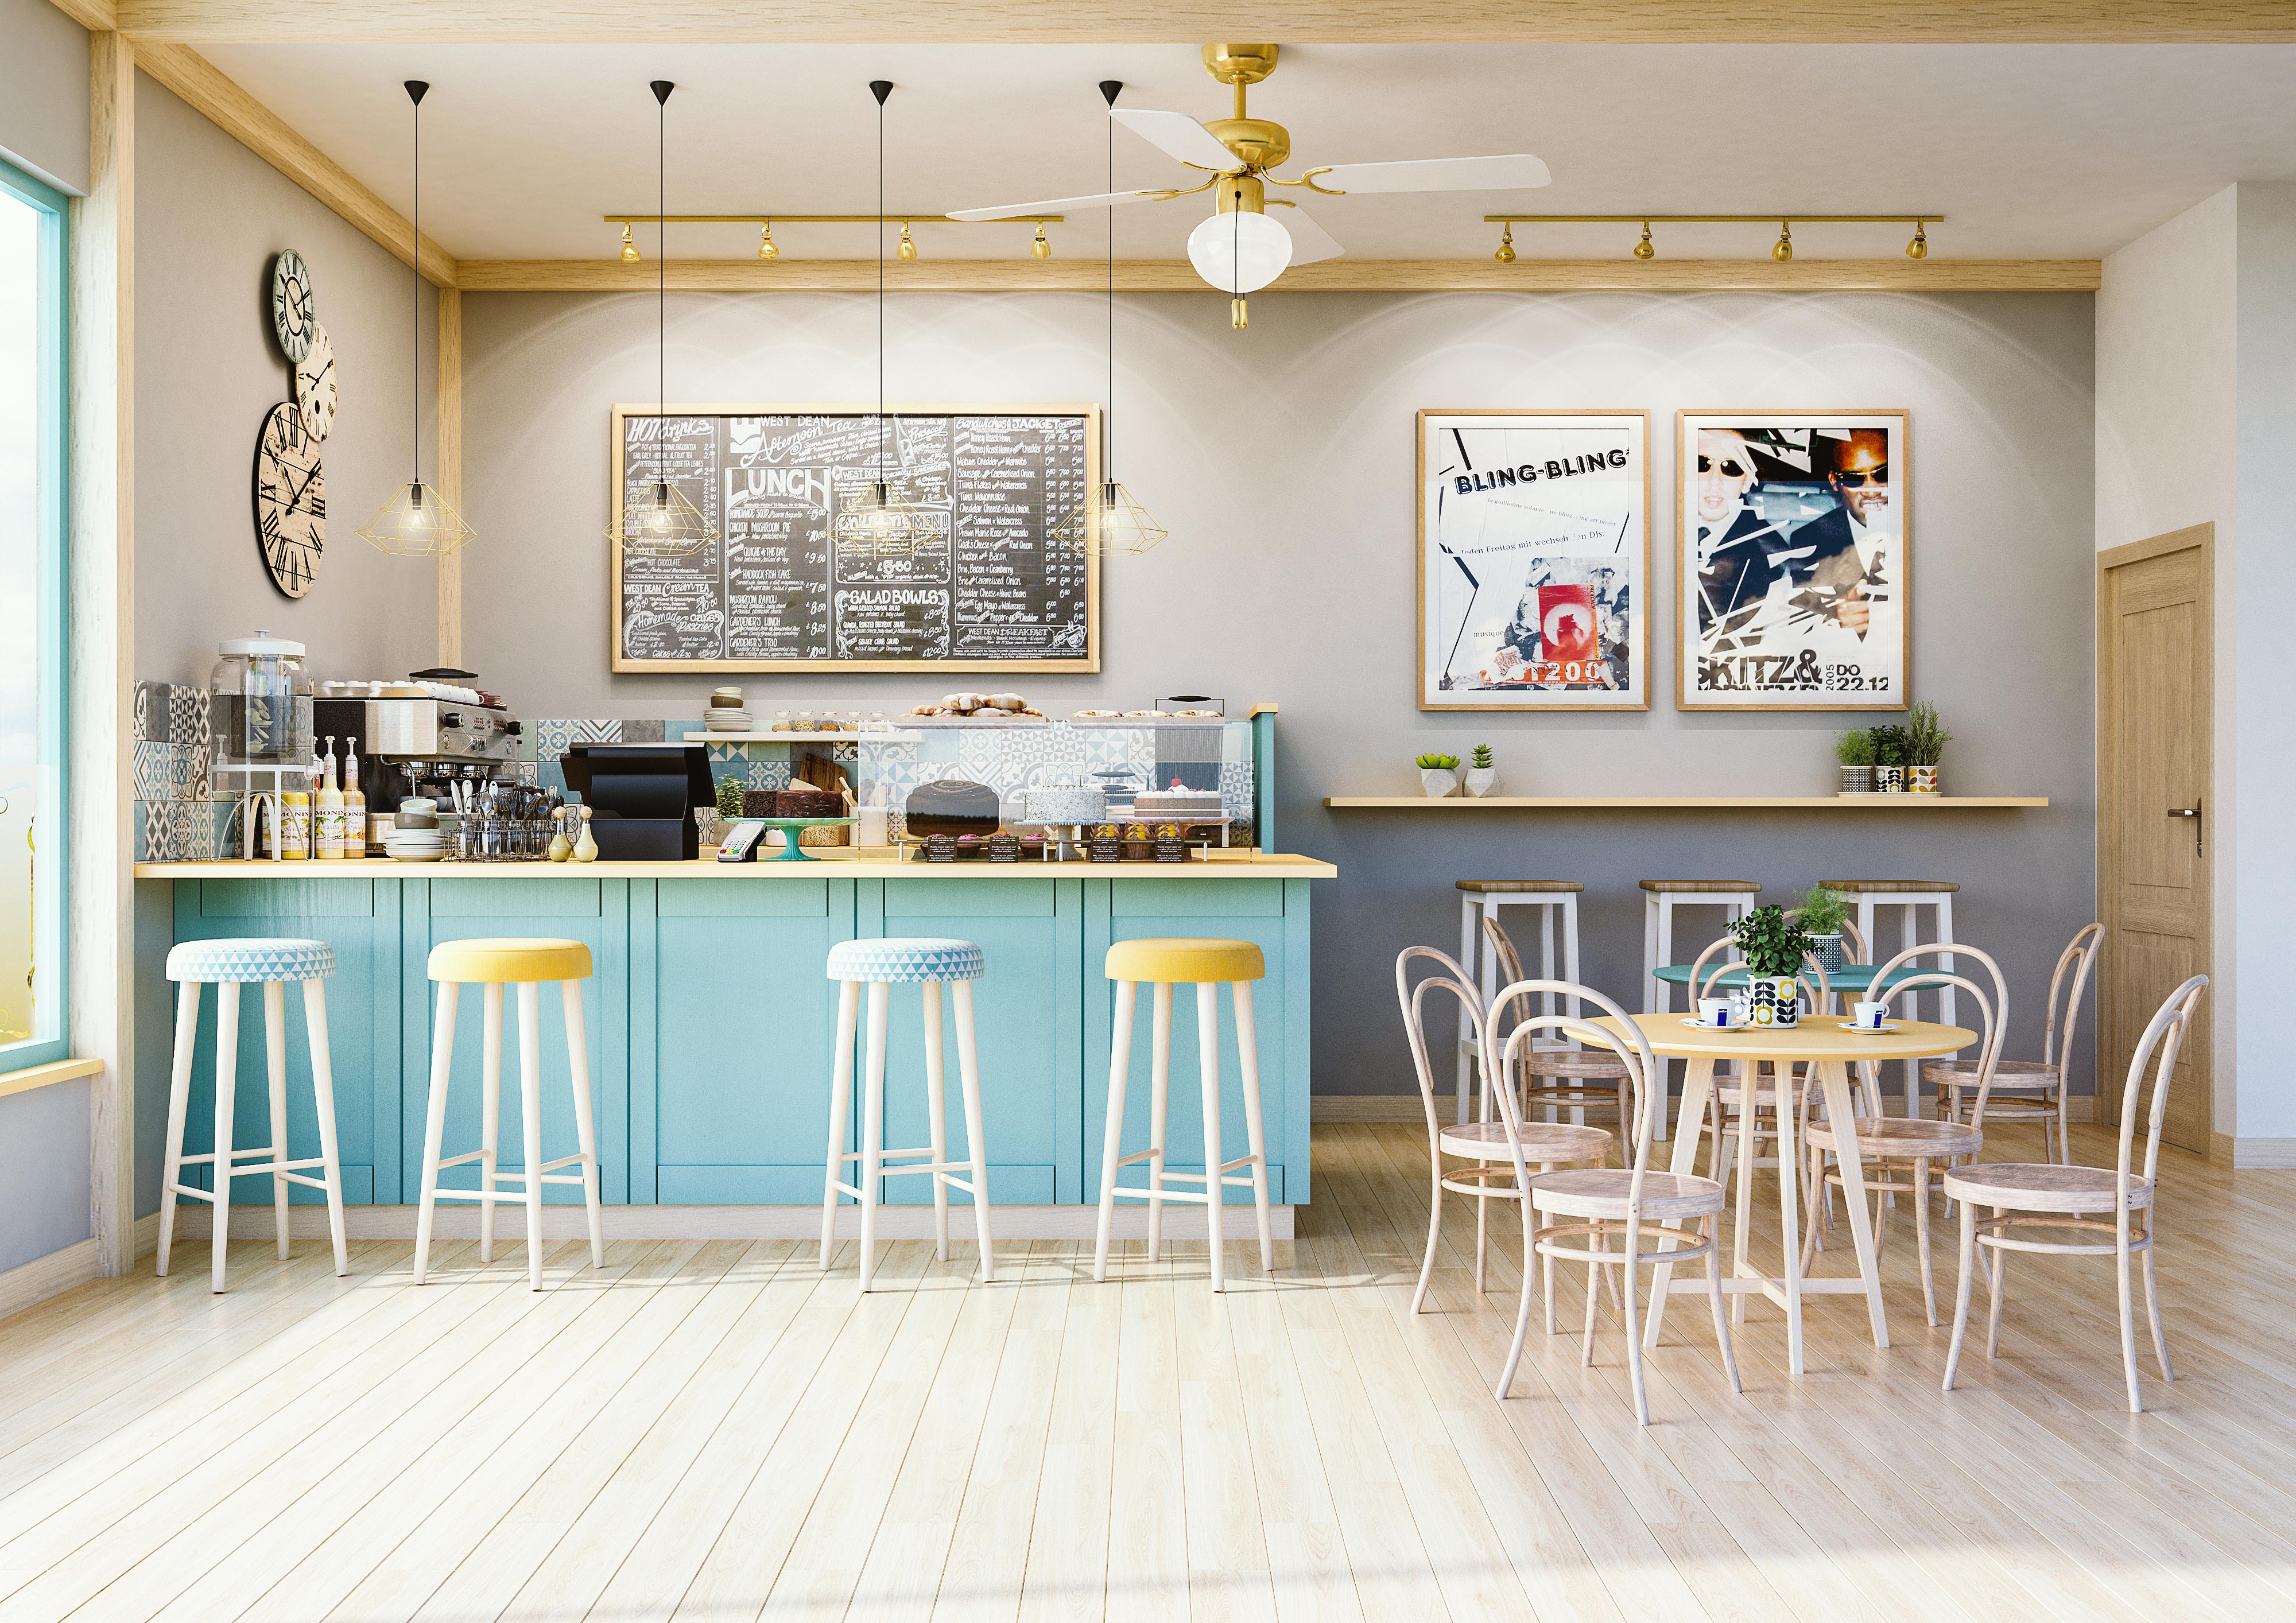 Rustic Cafe V1